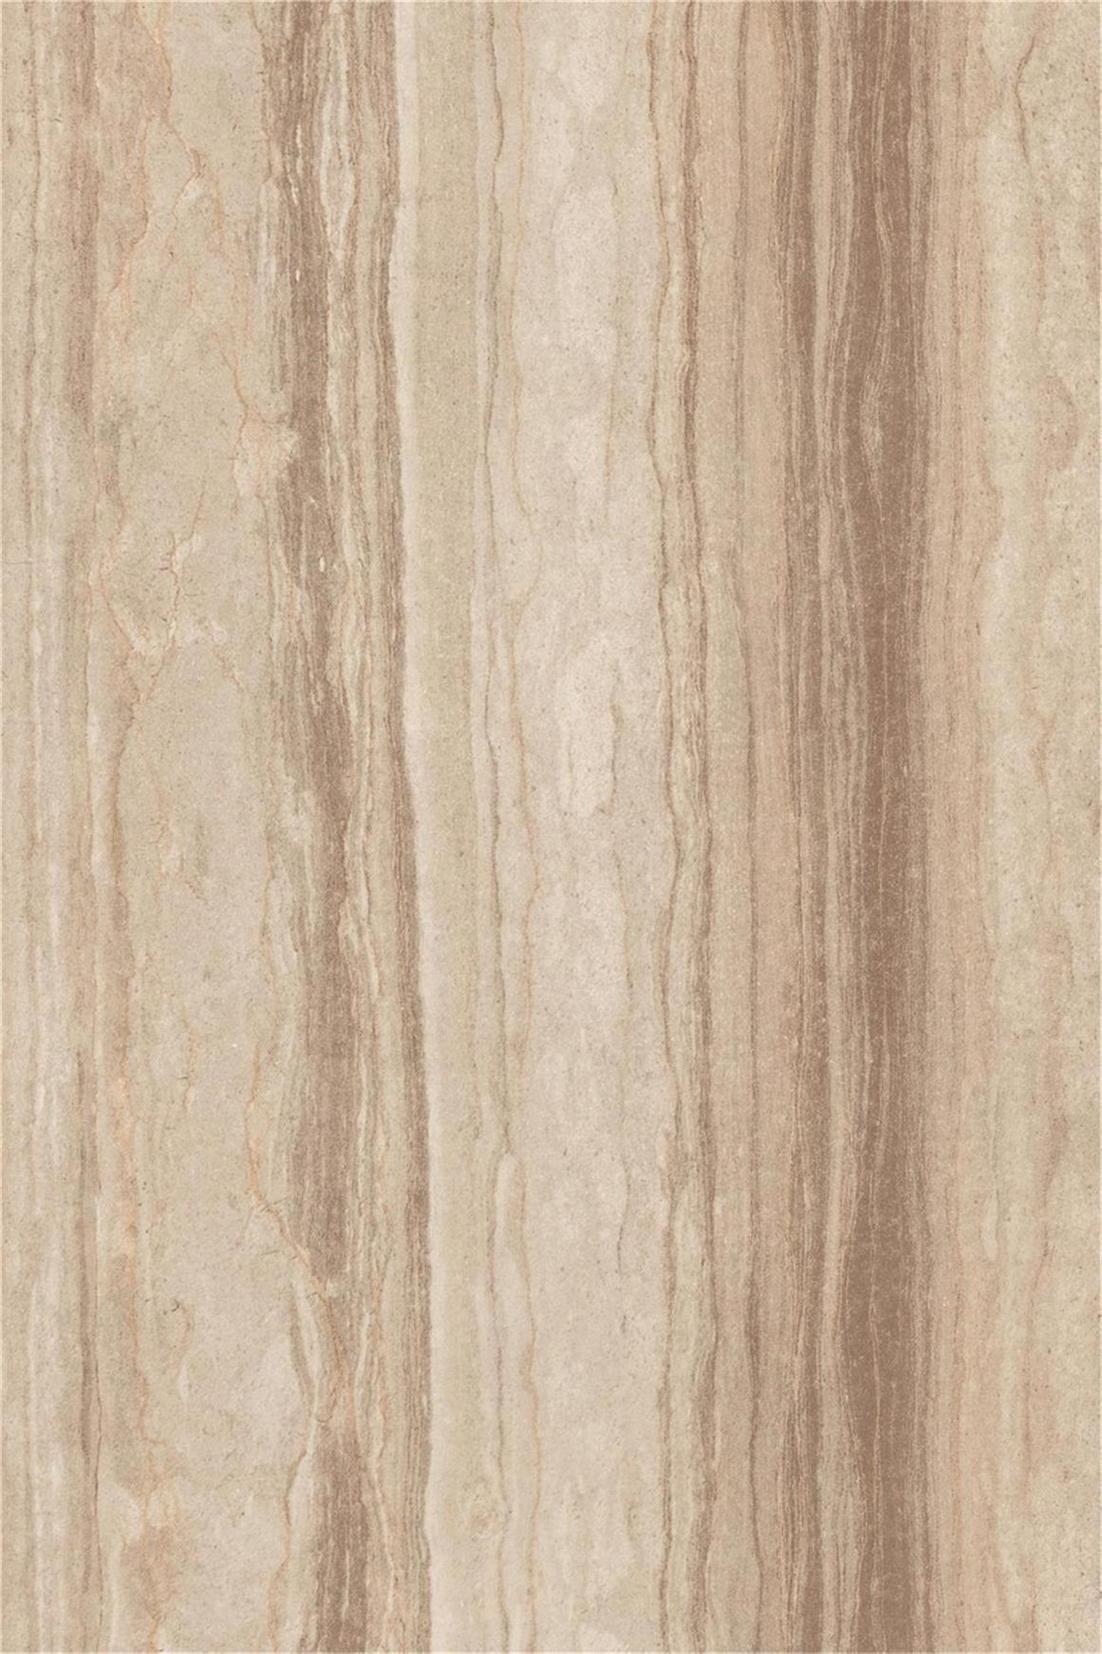 赛德斯邦意大利木纹大理石瓷砖 瓷砖厂家招商